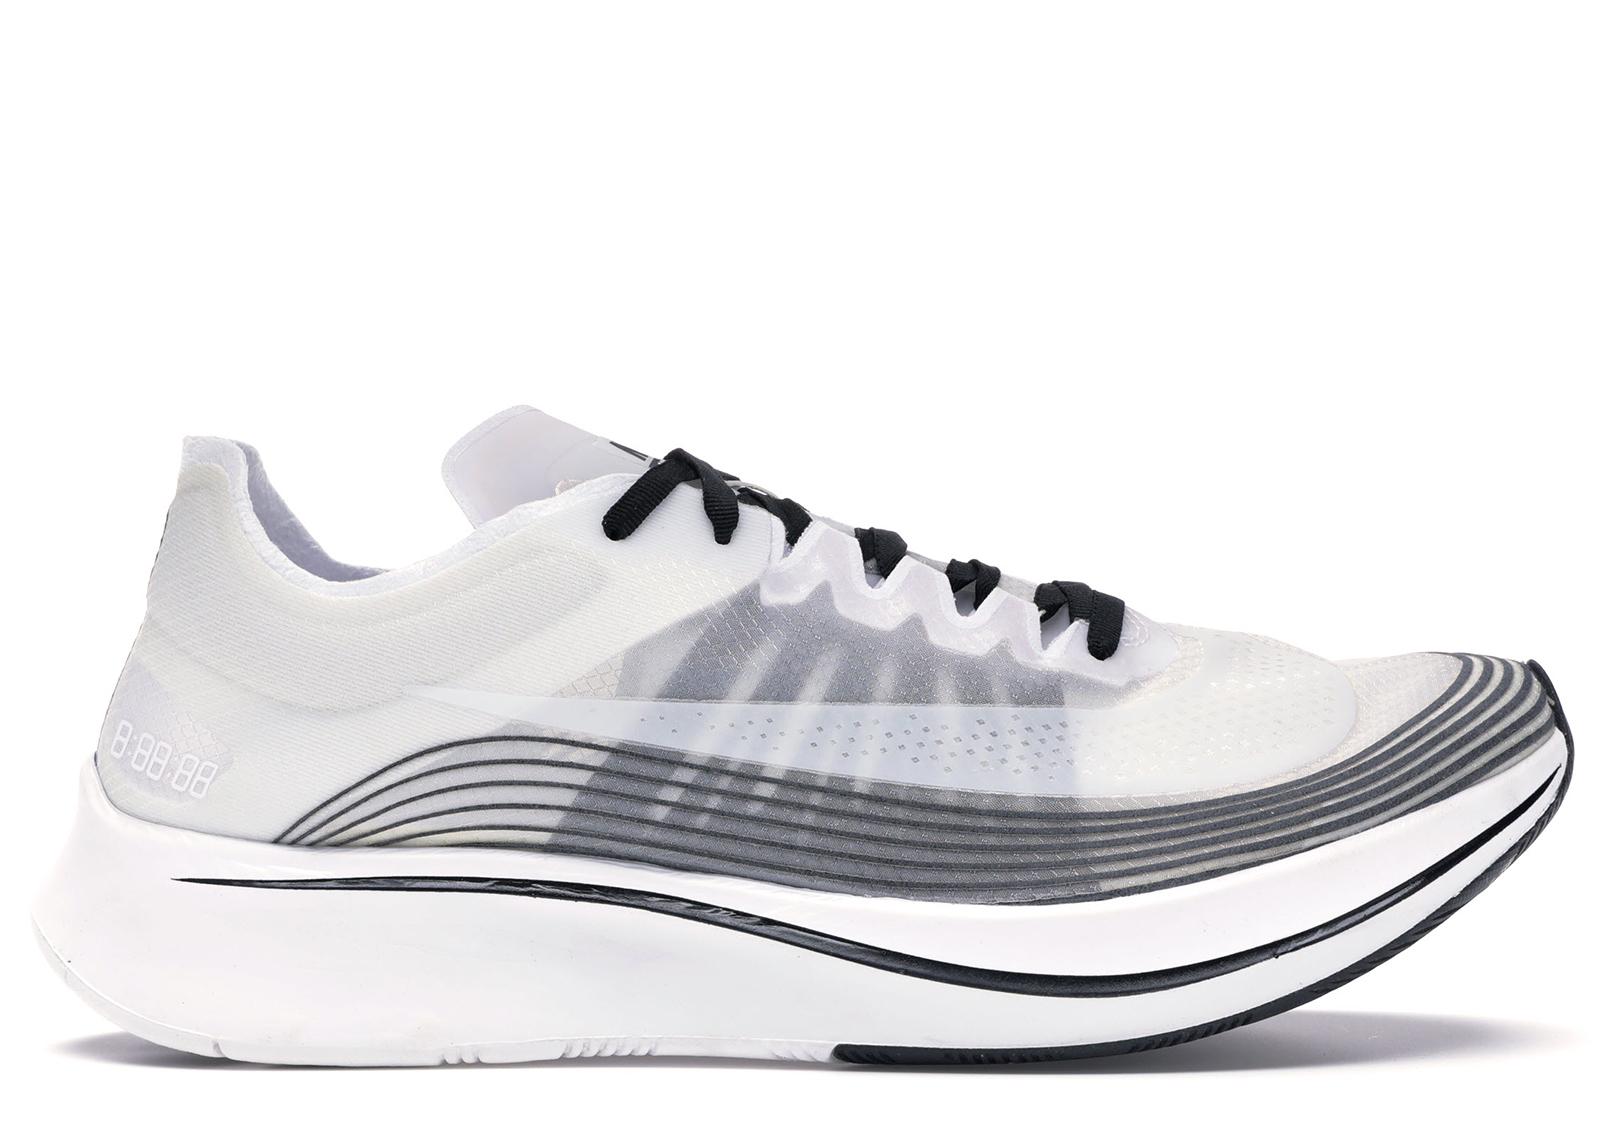 Nike Zoom Fly White Black - AA3172-101